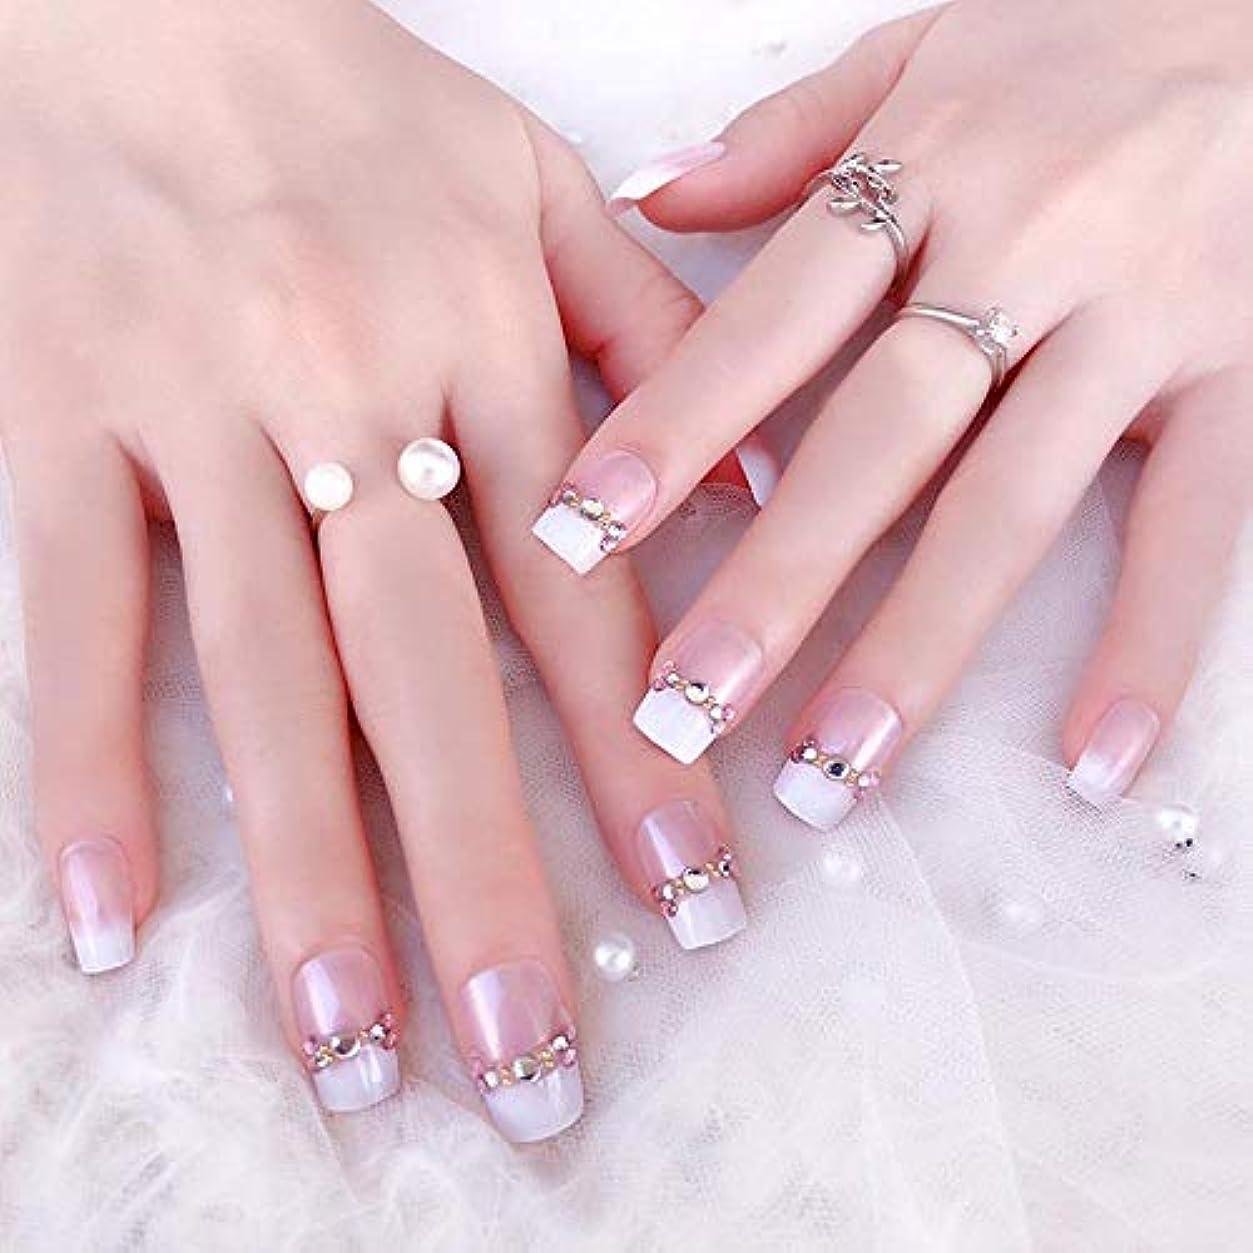 脚本種類もちろんXUTXZKA 花嫁の輝くラインストーンウェディングネイルレディースファッションネイルホワイトベージュ